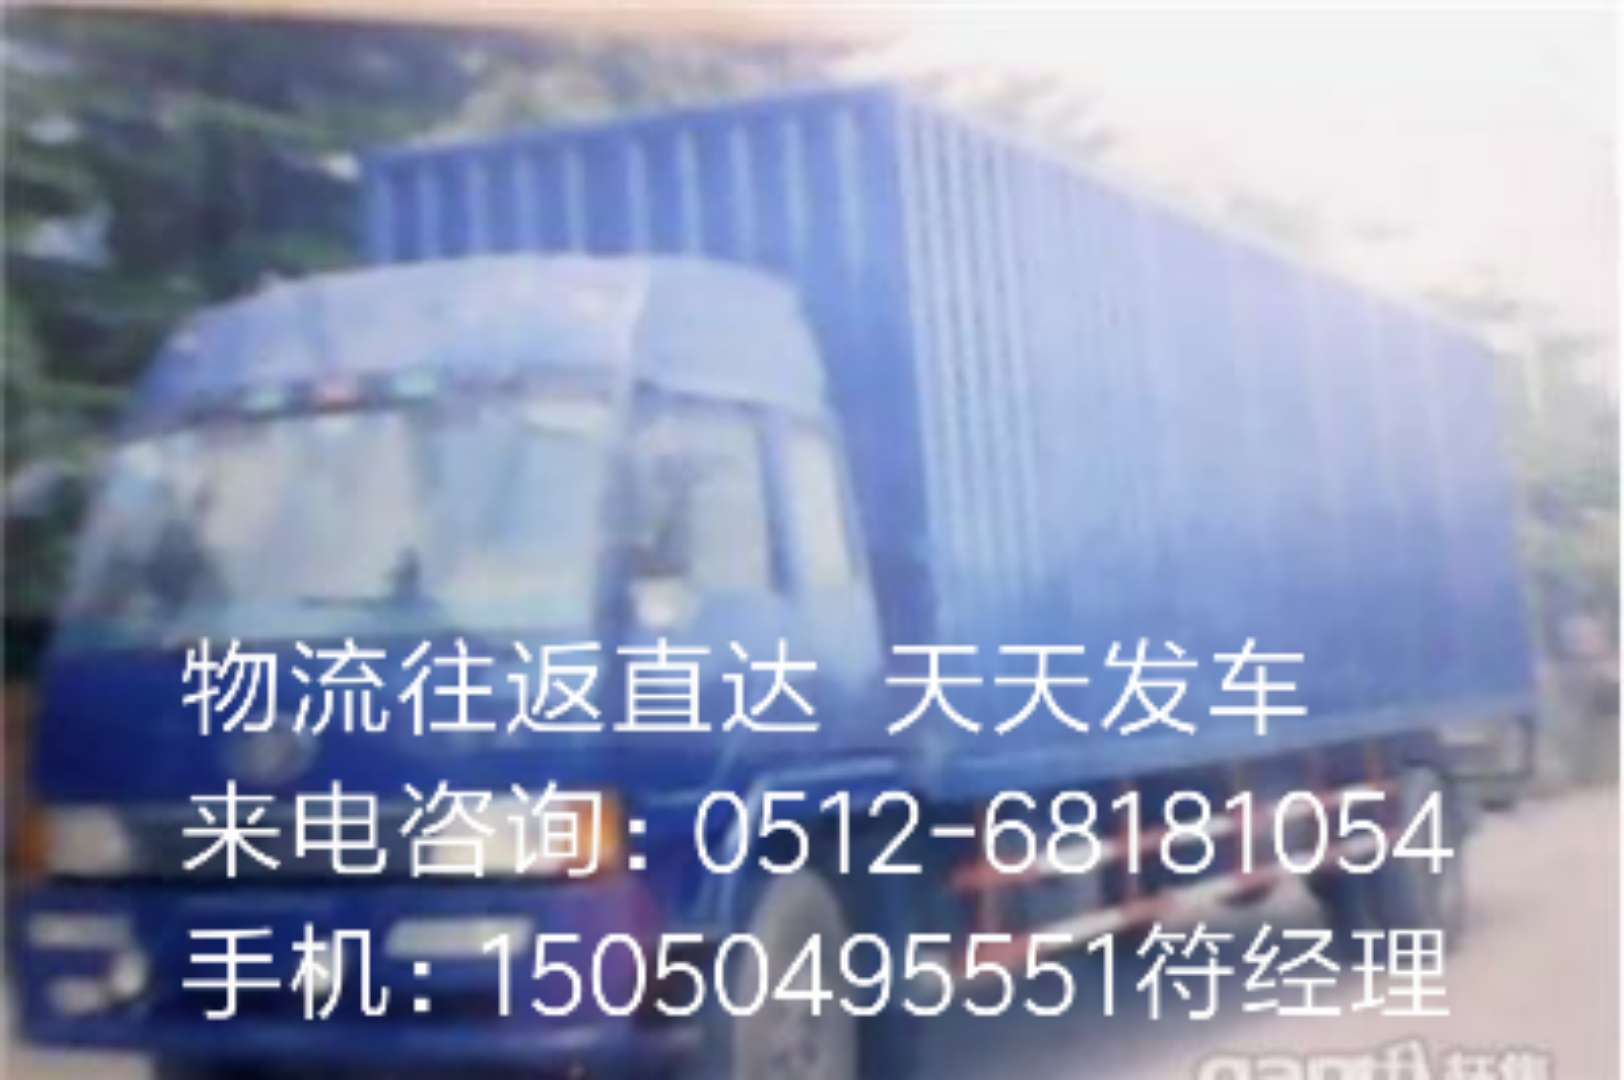 吴江到兴安盟货运专线欢迎您定时到达0512-68181054